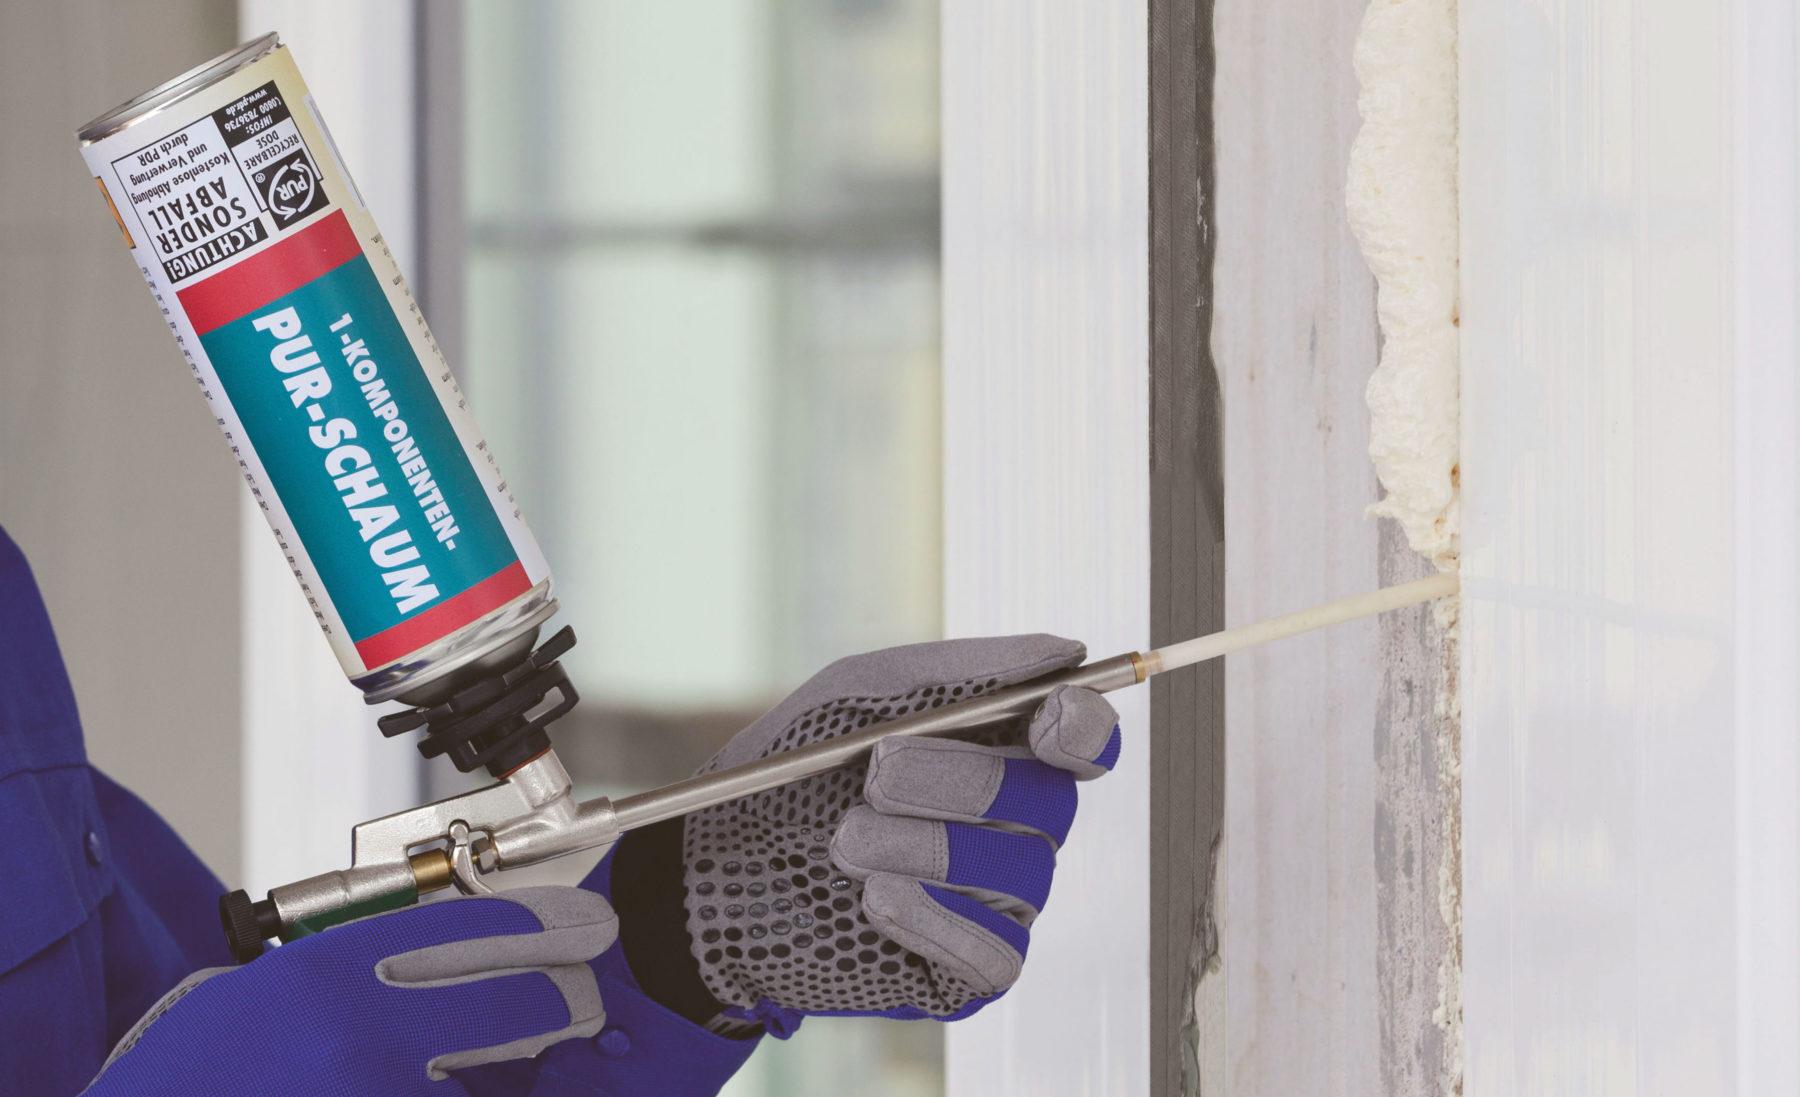 Rund 80 % der Fensterfugen werden in Deutschland mit PU-Schaum gedämmt. Foto: www.pu-schaum.center